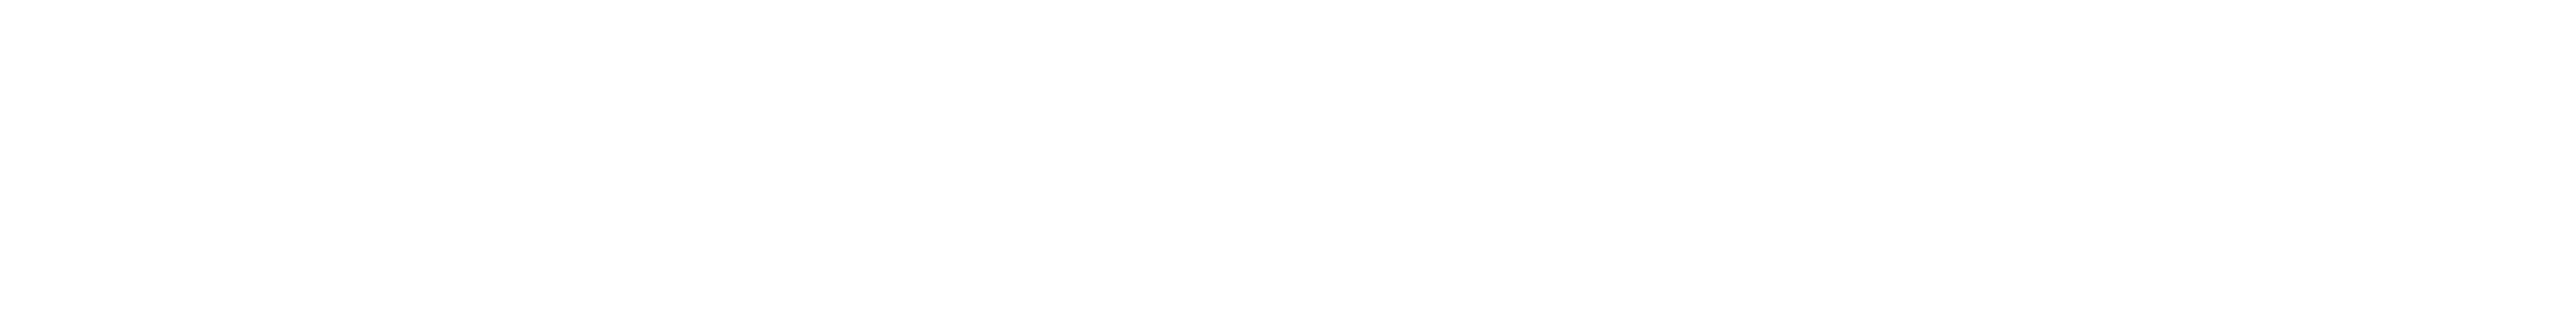 Verenaledig.com